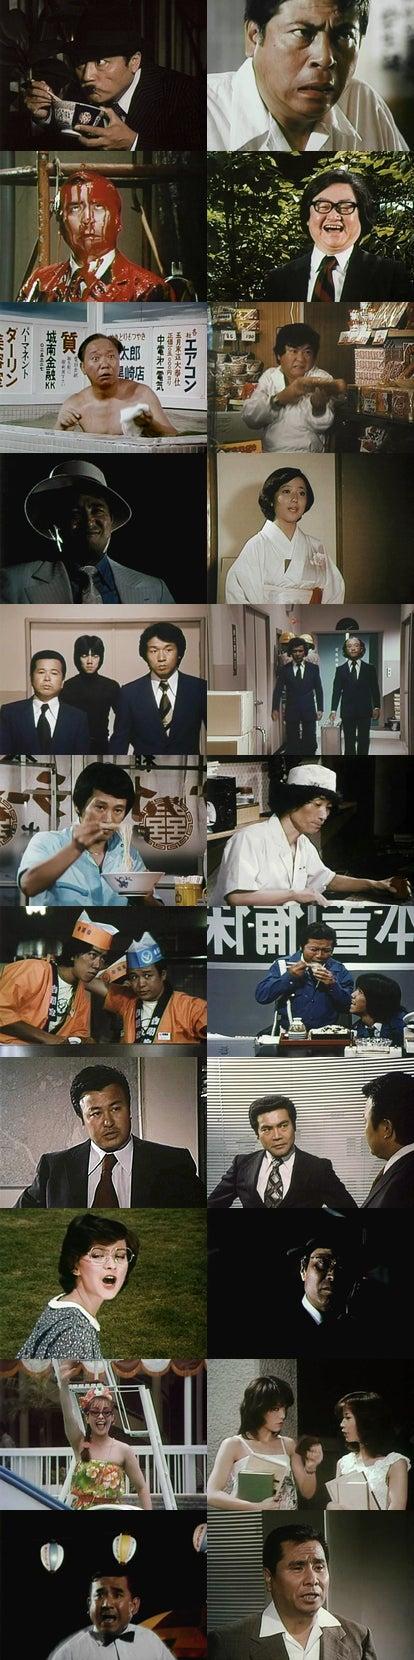 新井康弘暴走「ピーマン80」(1979) | 映画遁世日記